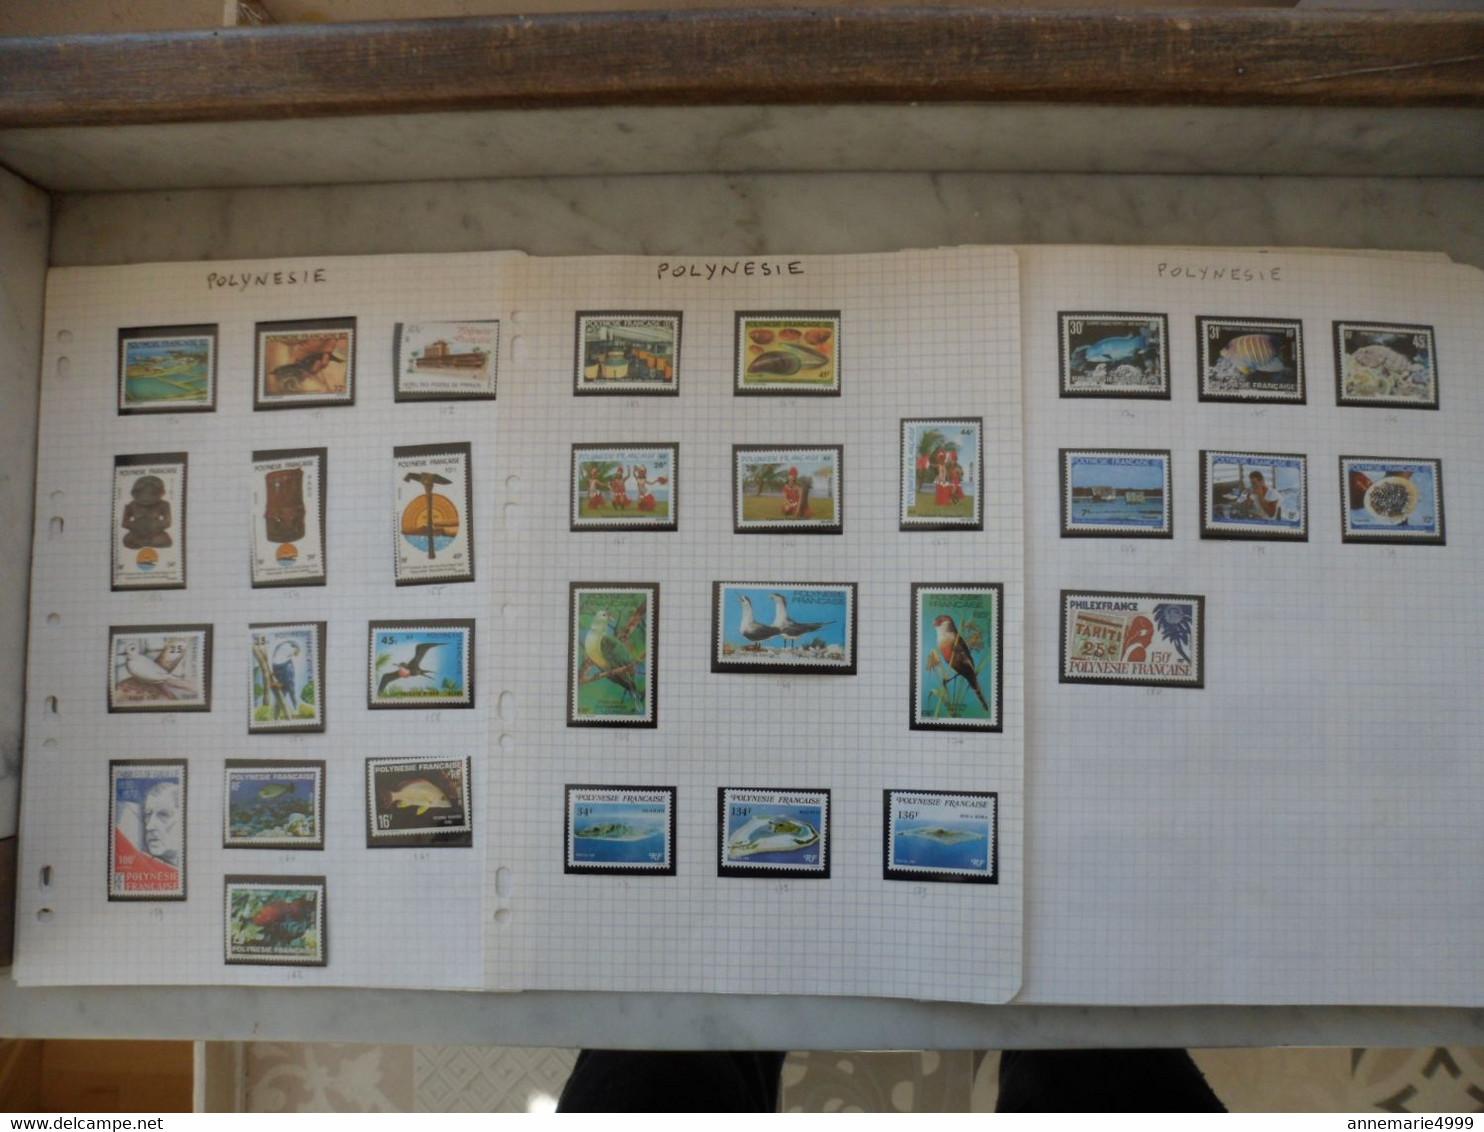 POLYNESIE  Poste 1978 à 1994 Dont 3 Bonnes Valeurs Neufs Sans Charnière MNH Voir Commentaire - Collections, Lots & Series